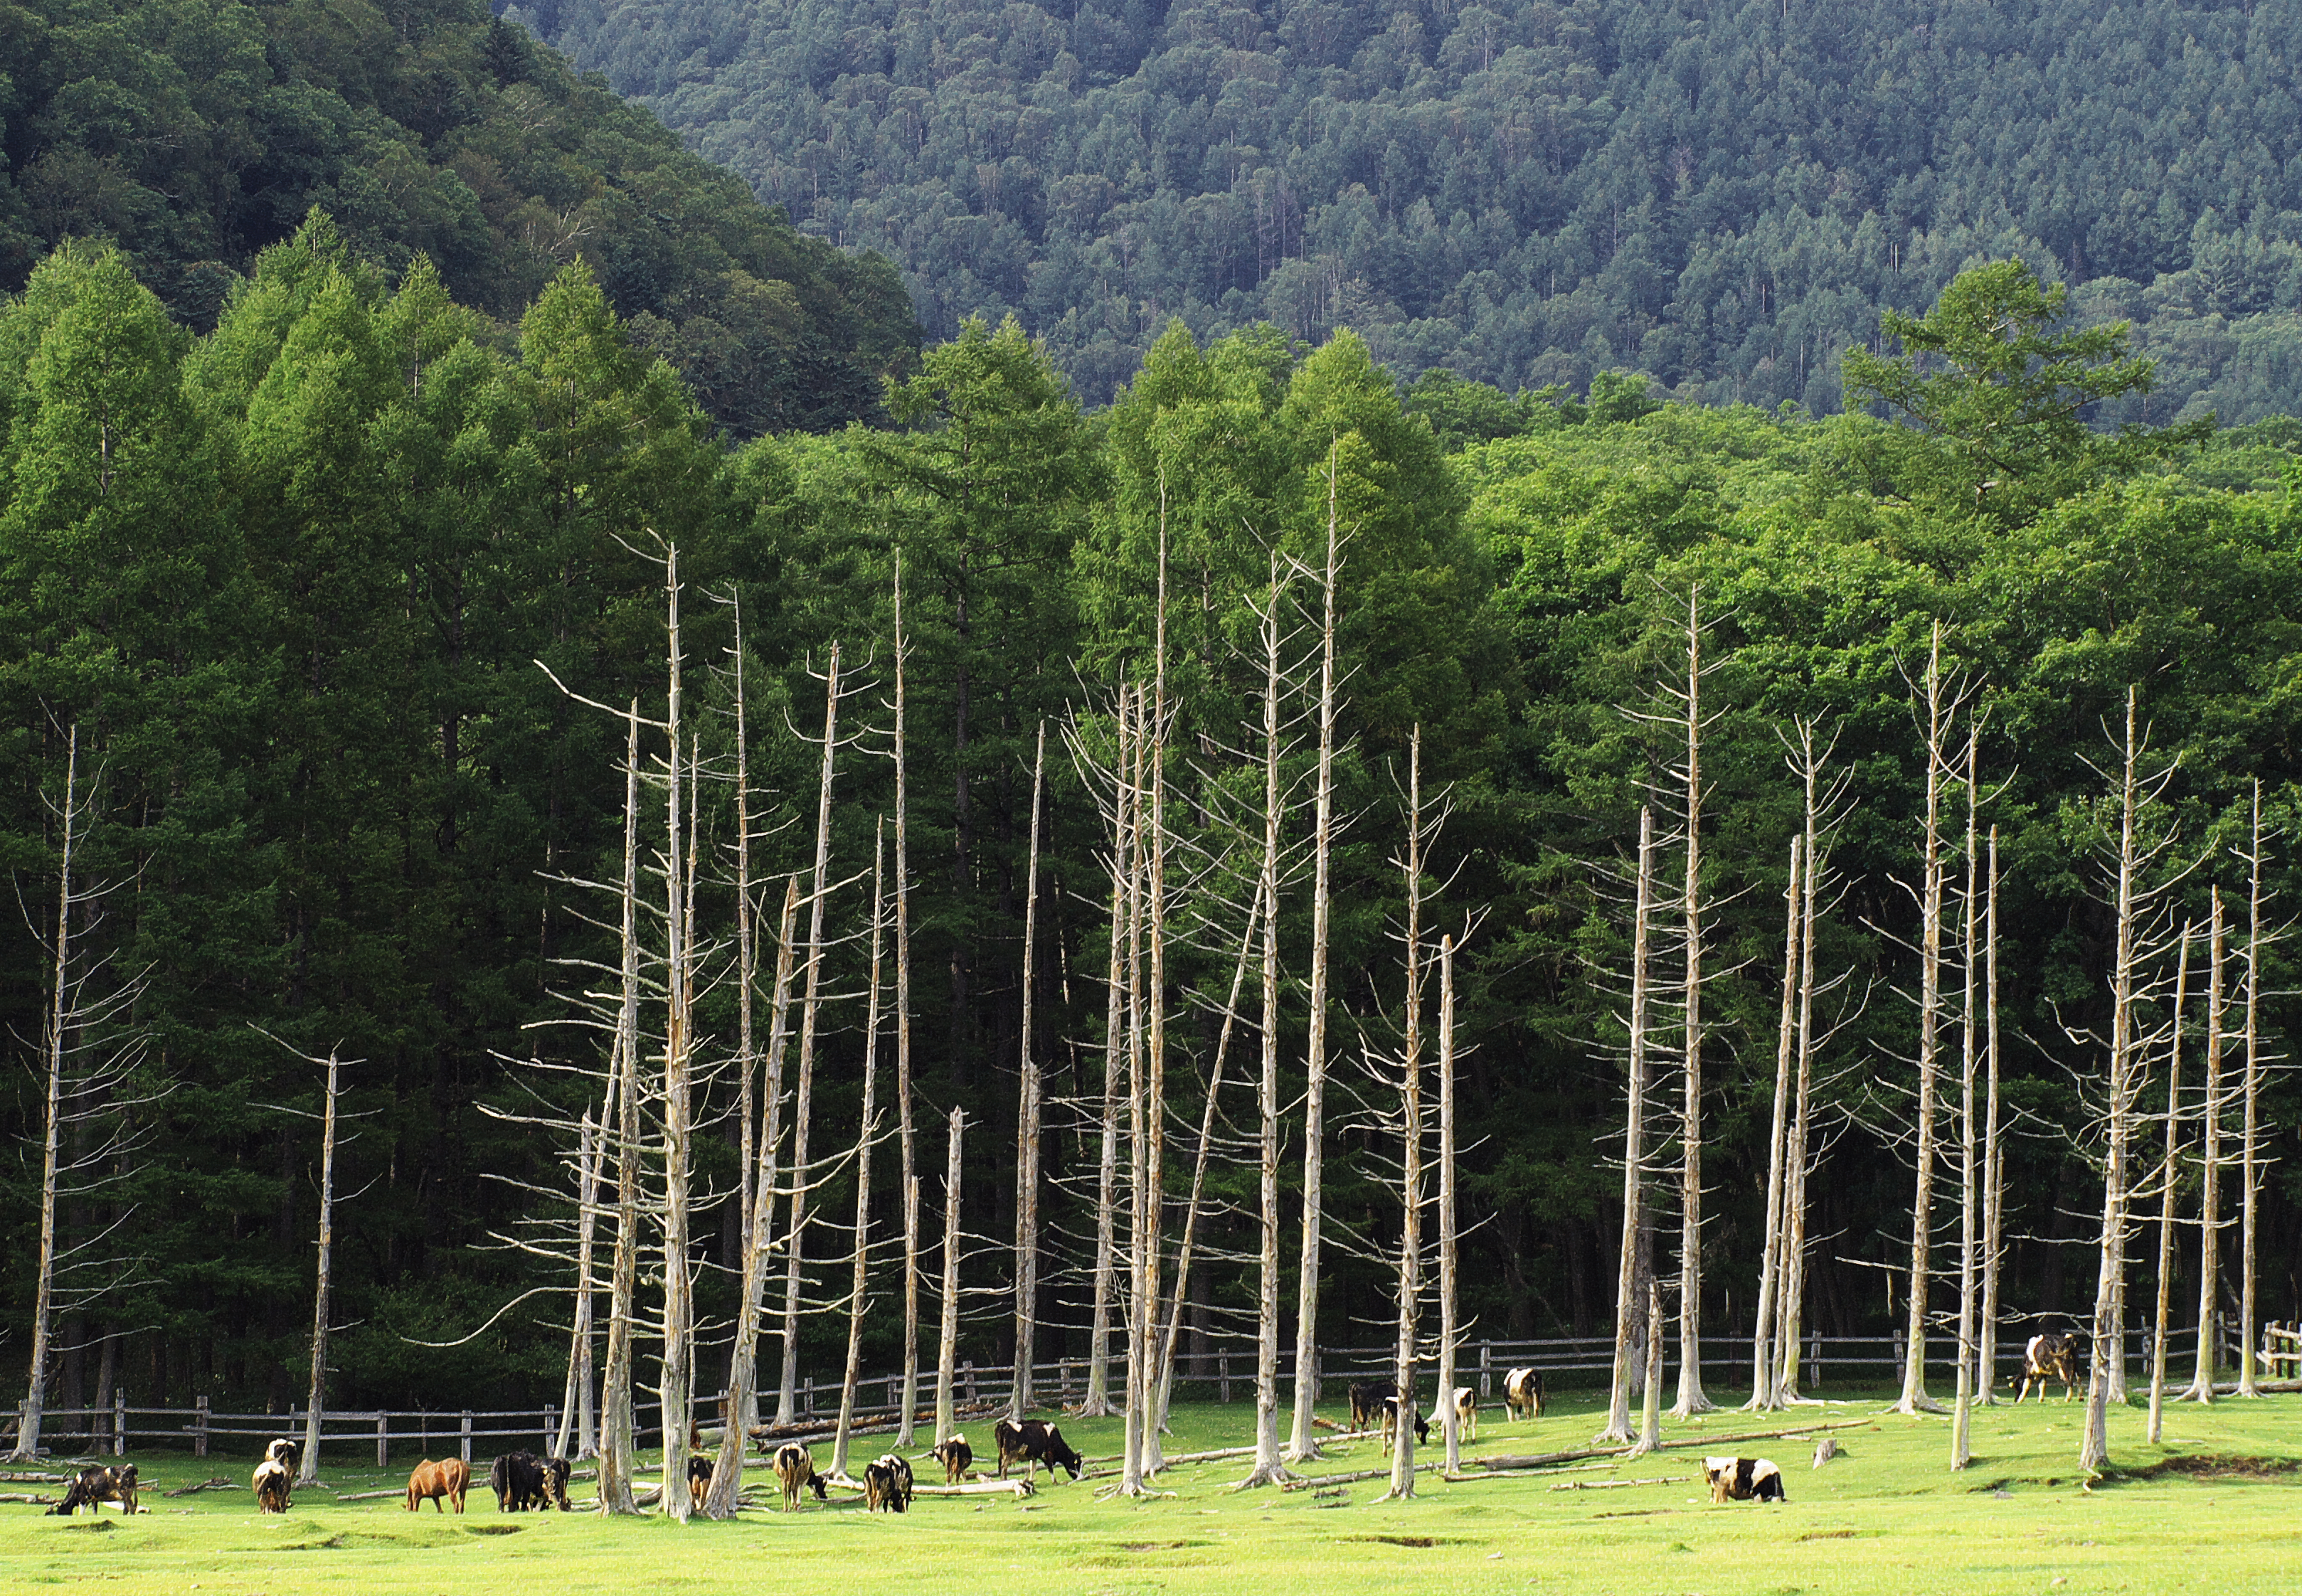 藤城清治美術館は那須高原の人気観光スポット!アクセスや料金など紹介